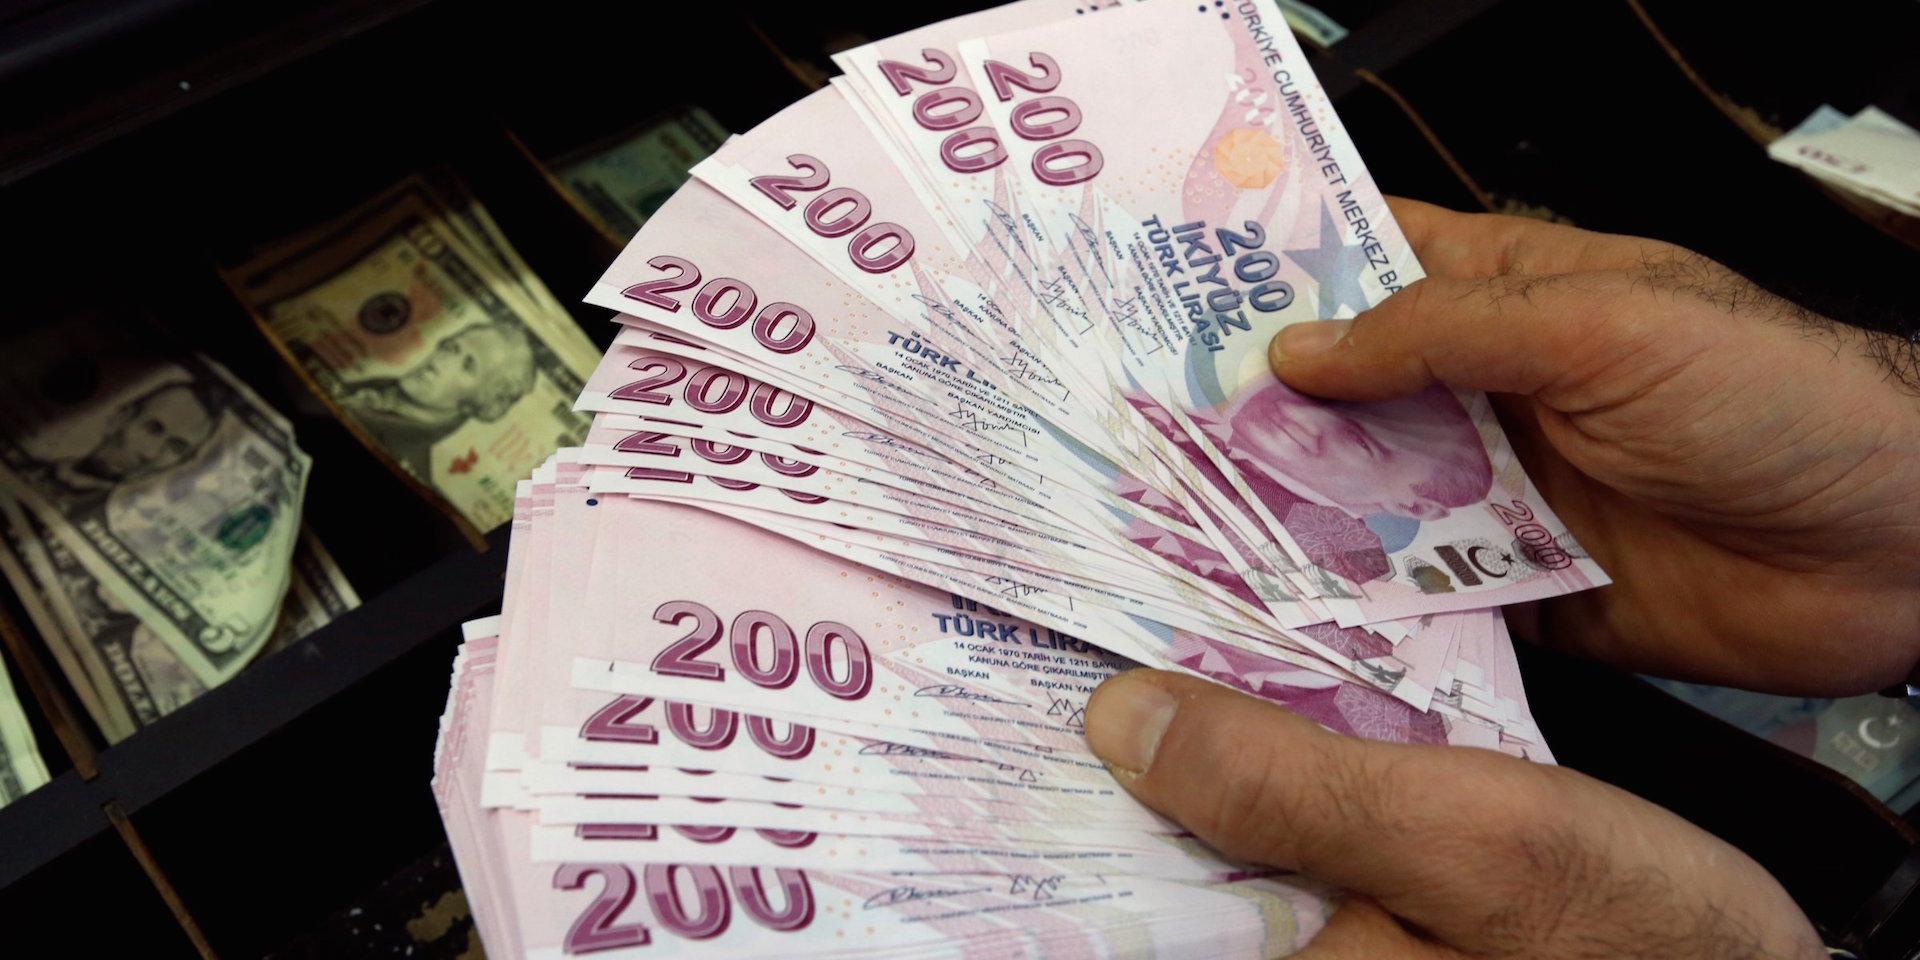 Η υποτίμηση της τουρκικής λίρας ξεπέρασε το 7% μέσα σε μία μέρα